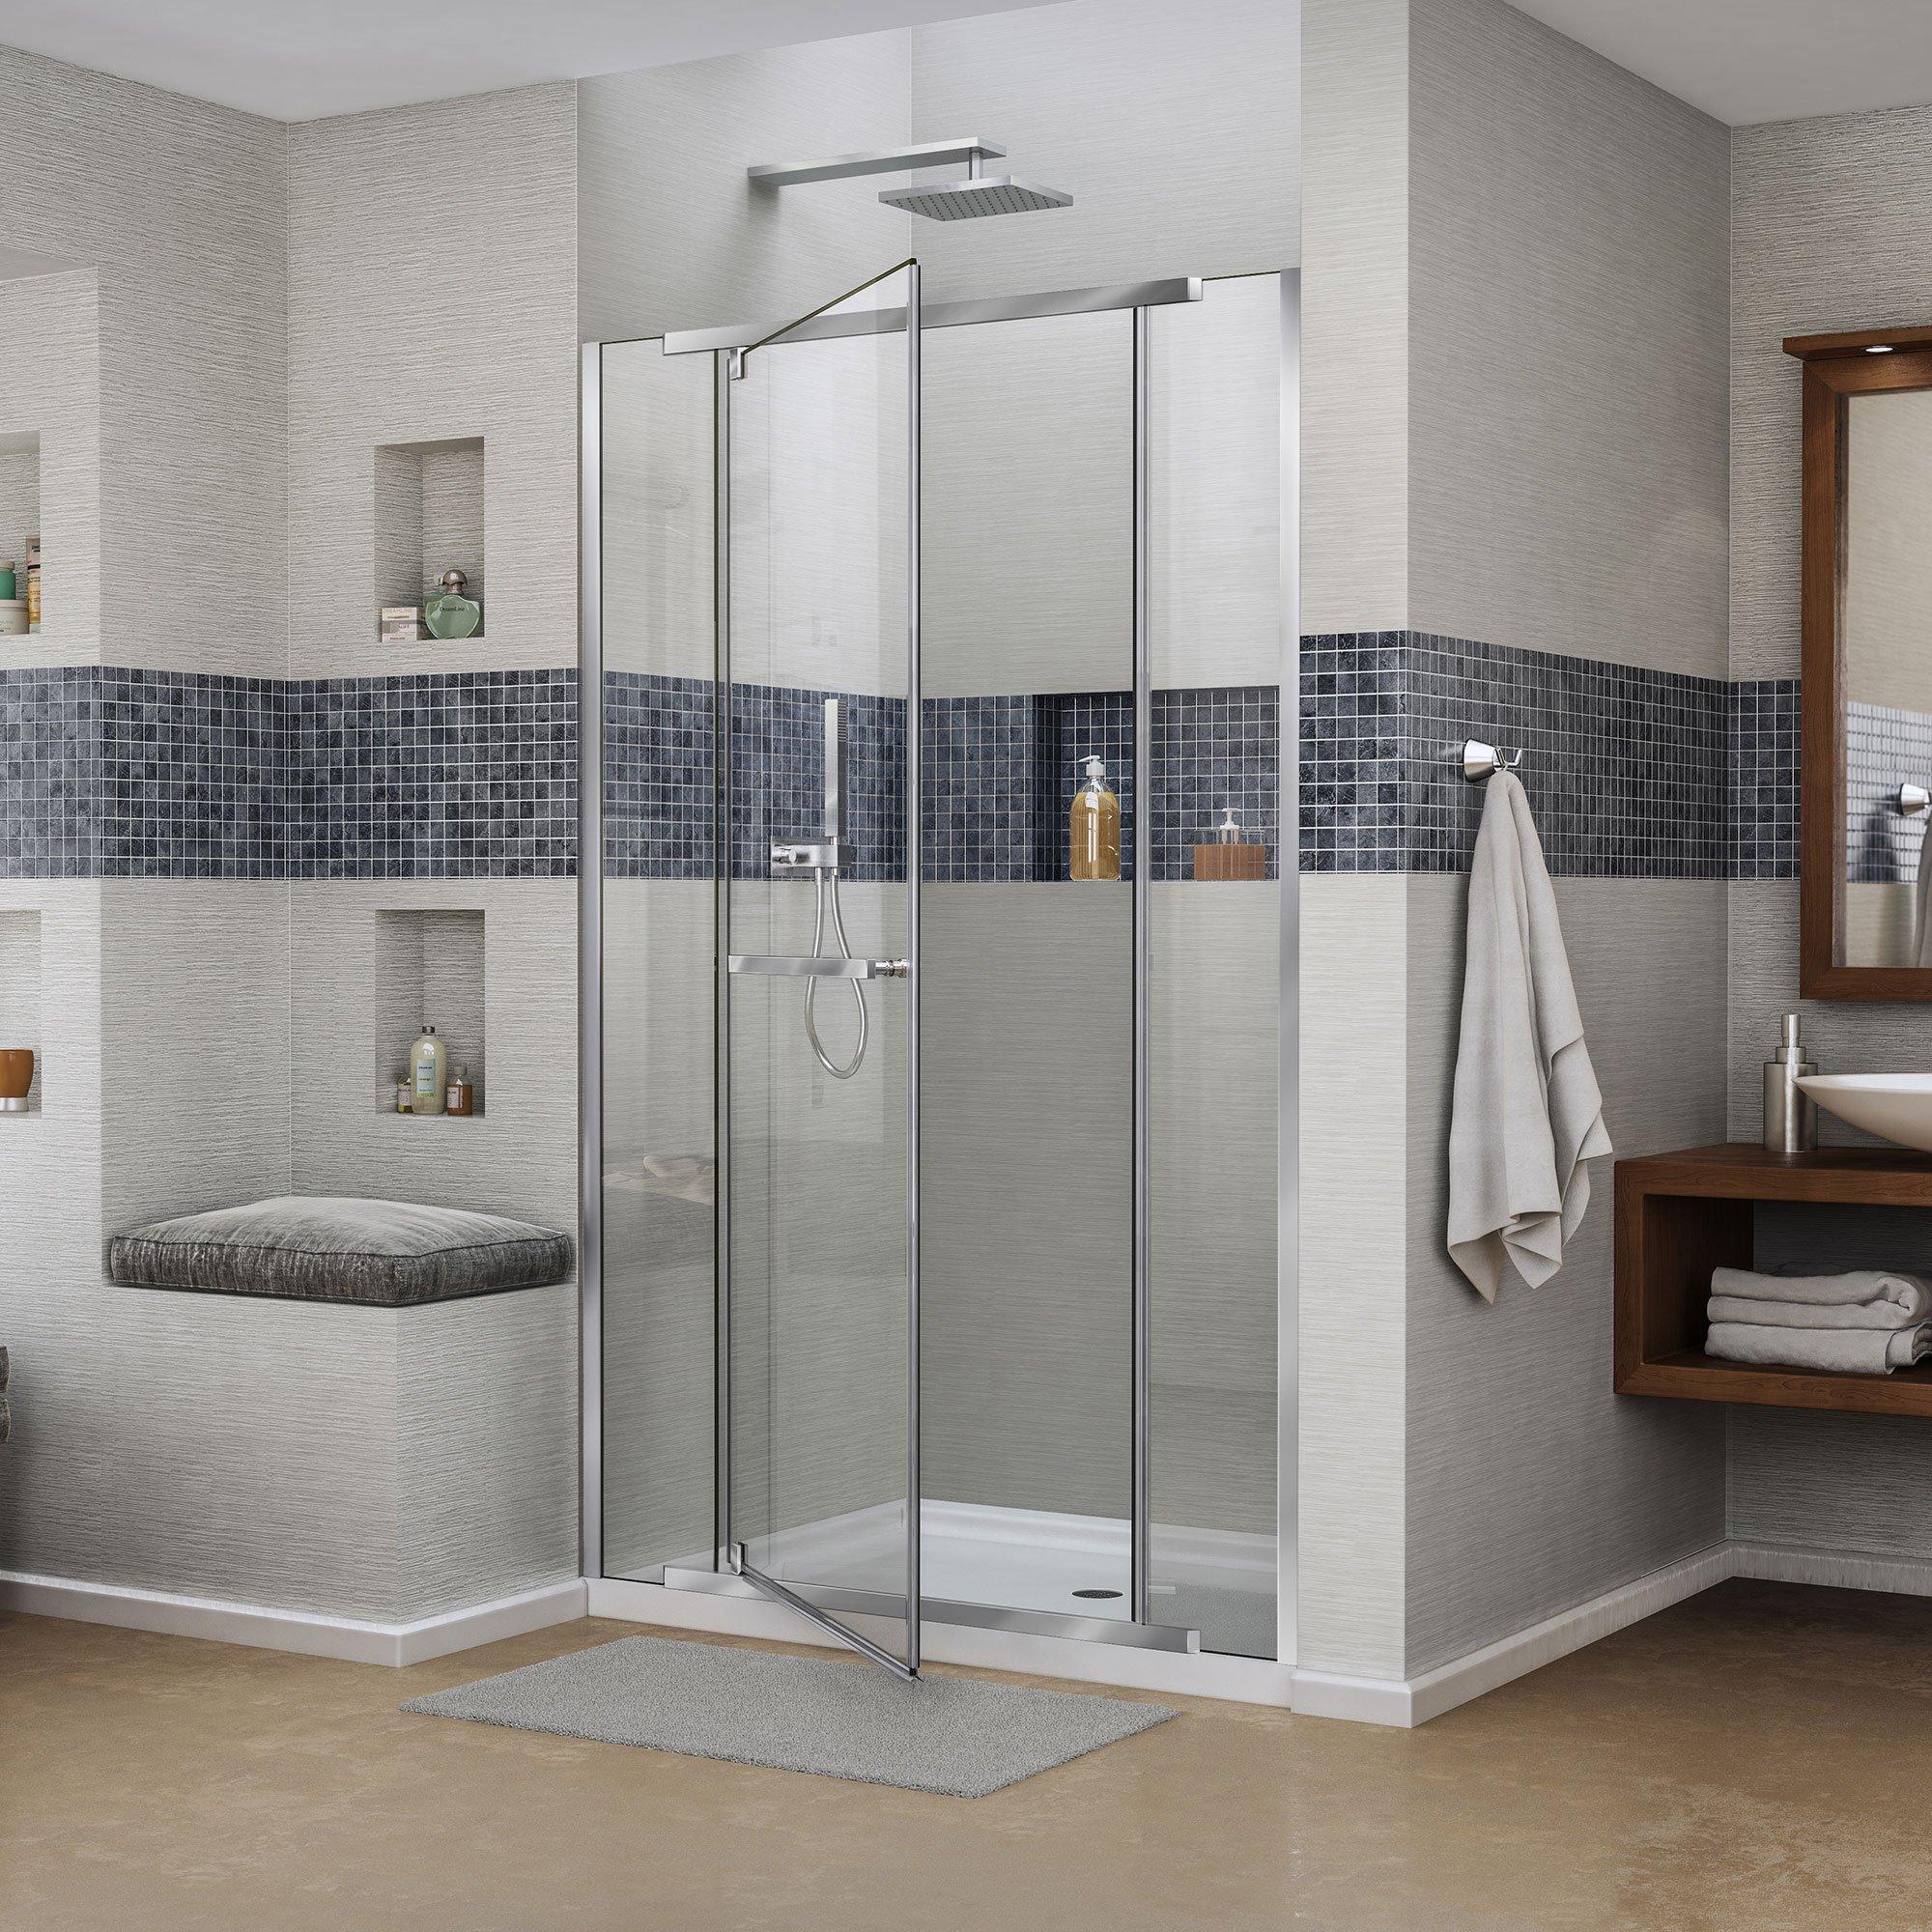 Vitreo-x DreamLine a 58 cm 149,23 mampara de ducha sin Marco ...